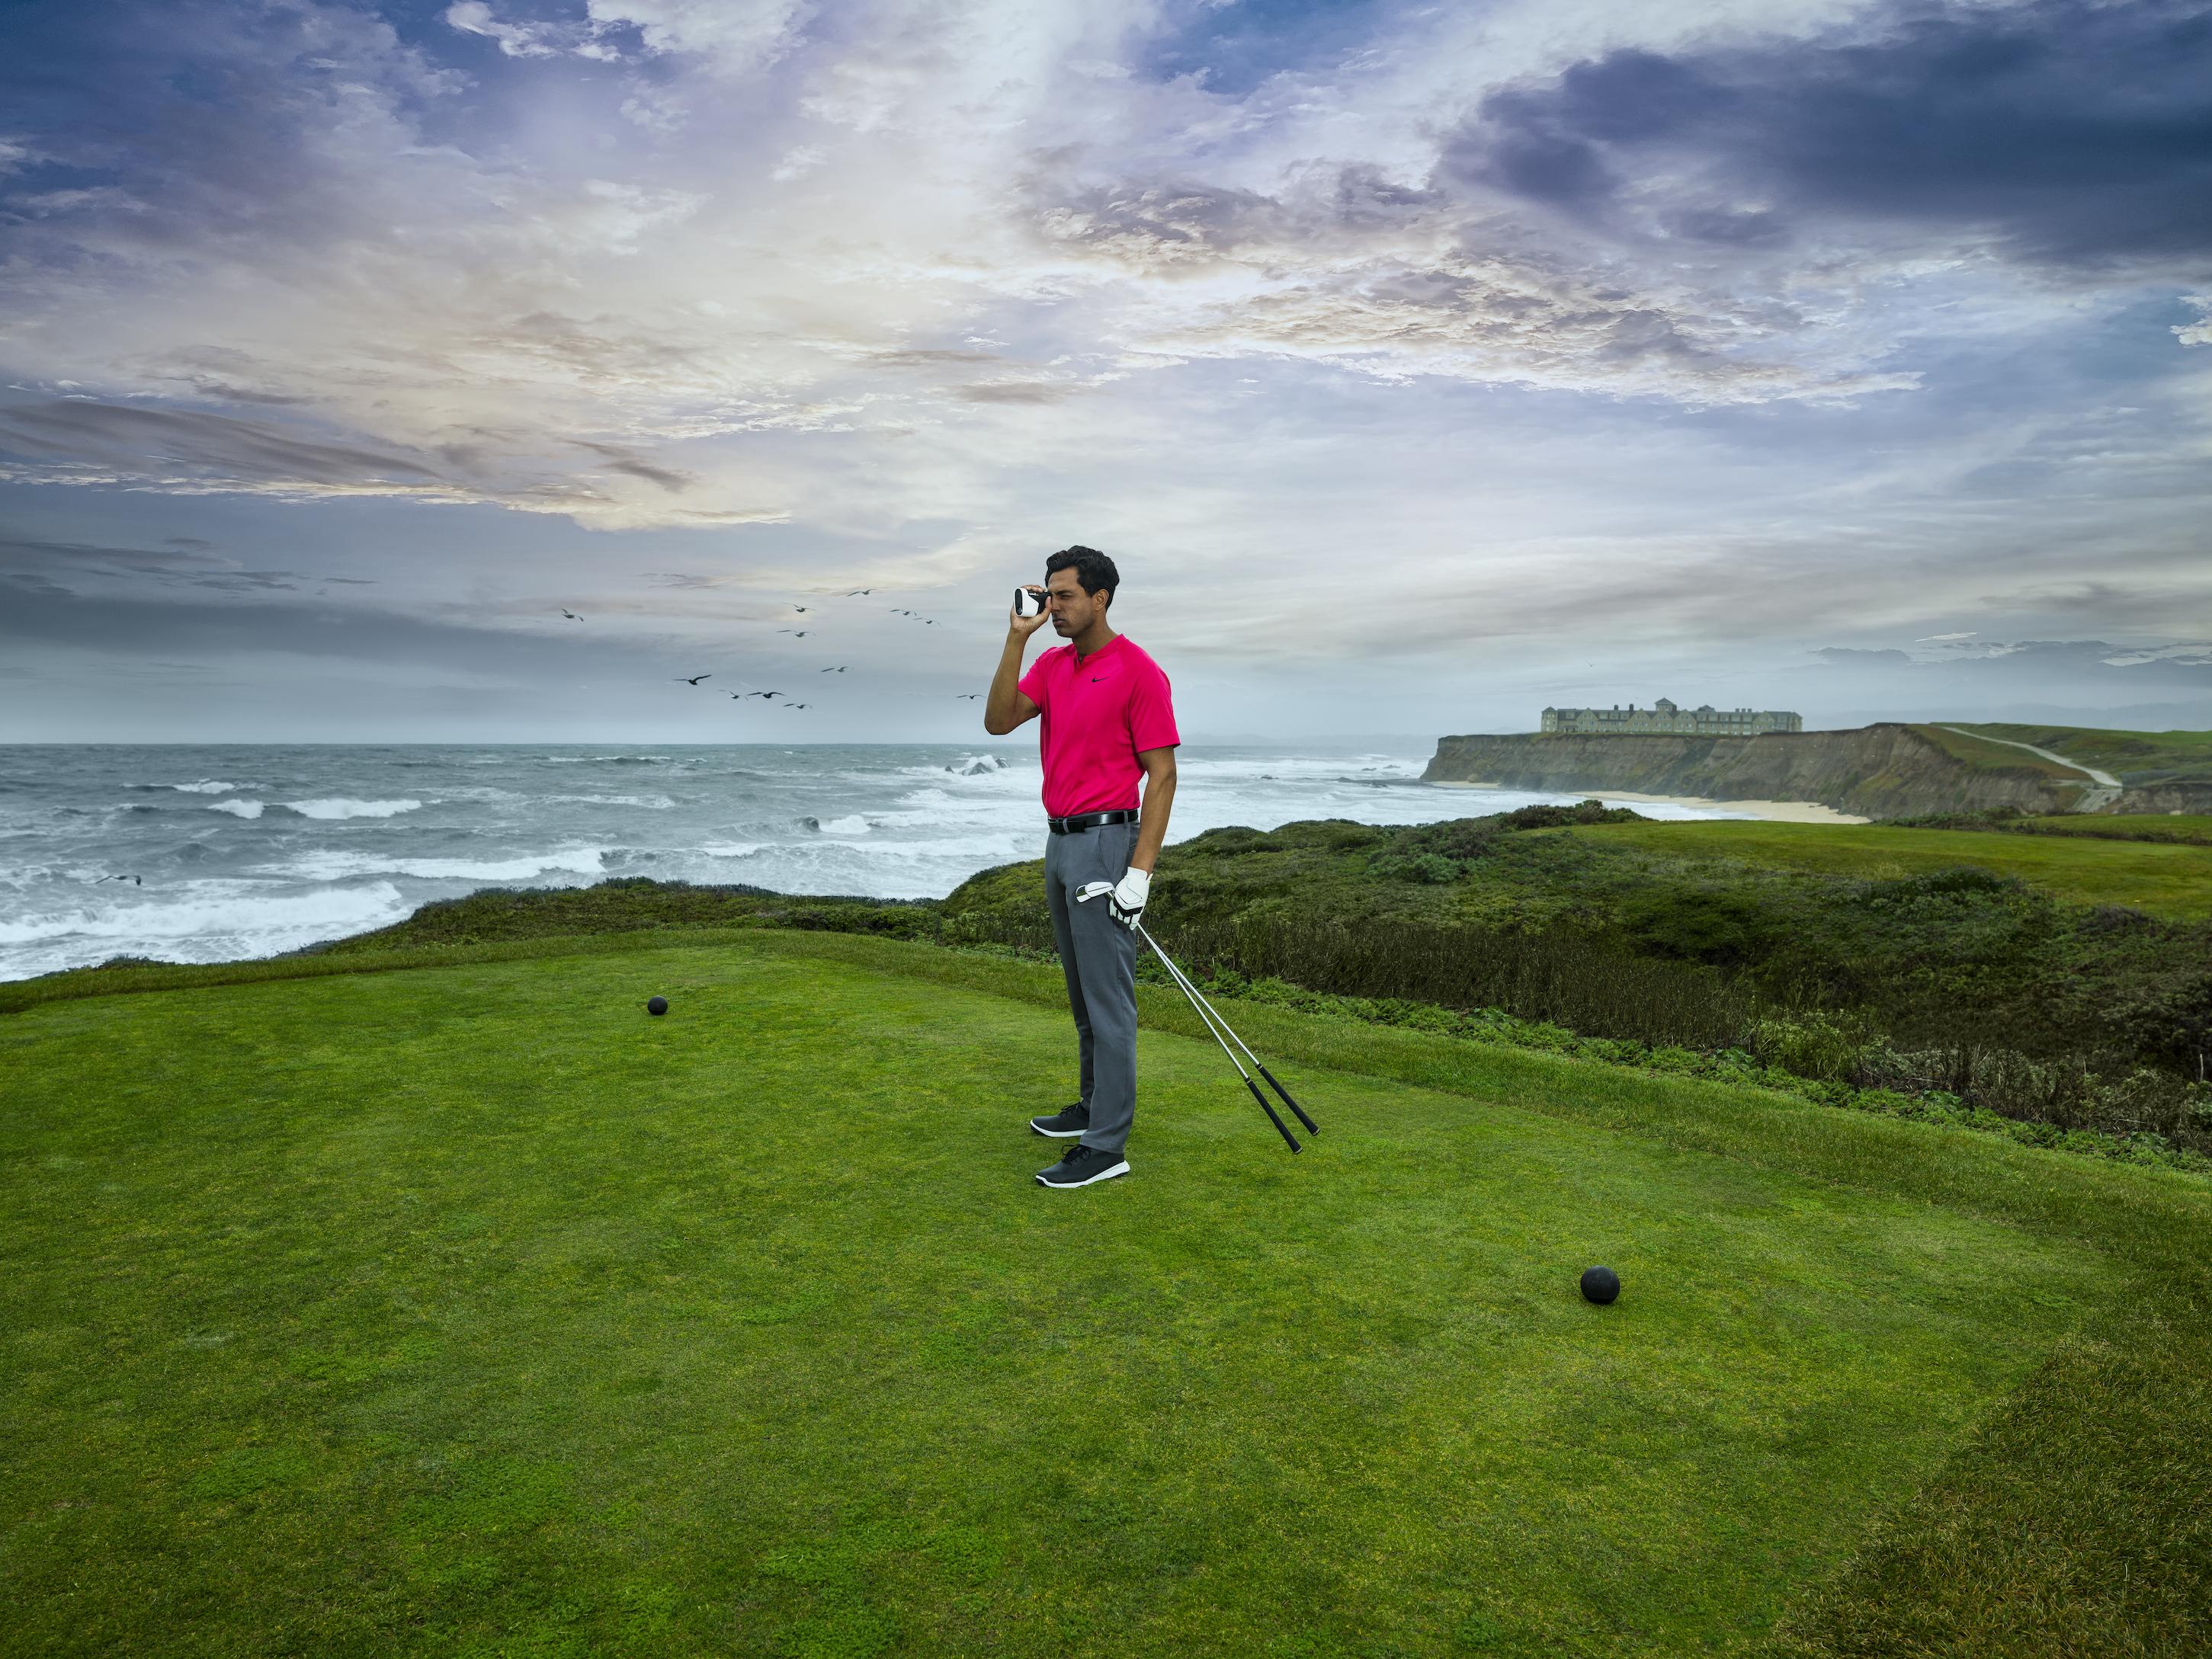 Garmin unveils the Approach Z80, an innovative golf laser